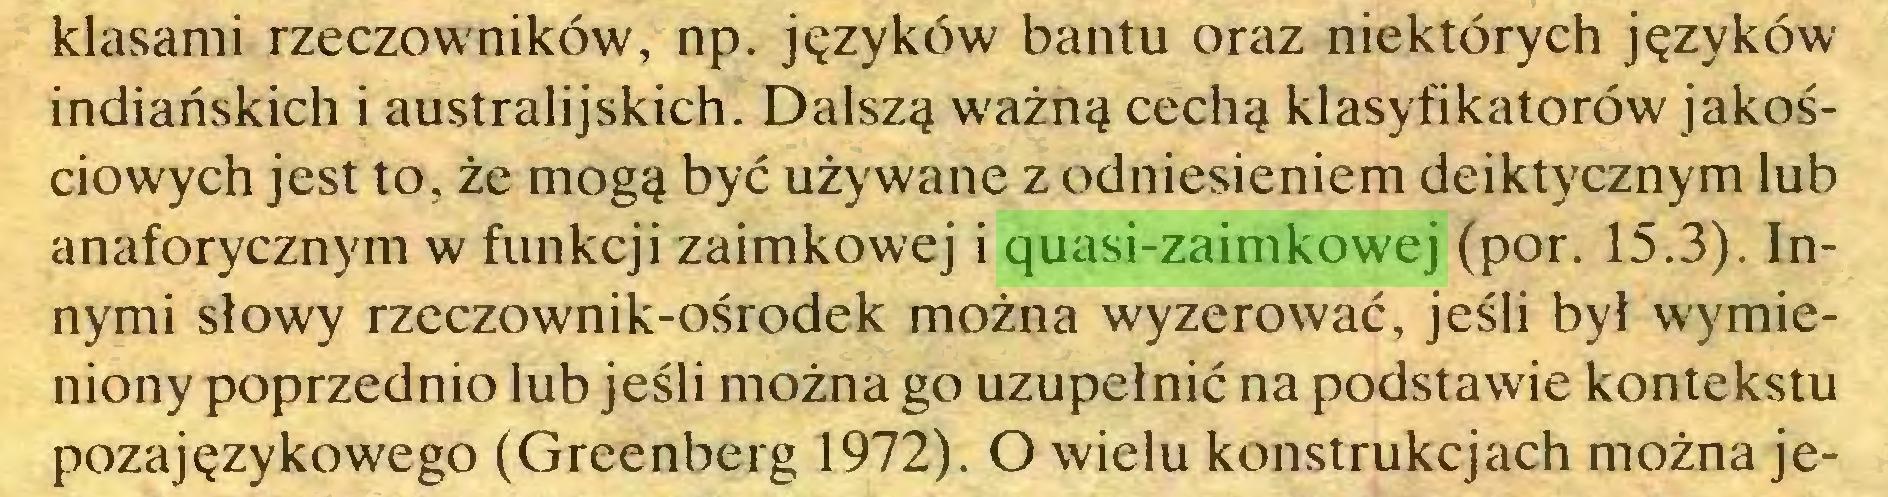 (...) klasami rzeczowników, np. języków bantu oraz niektórych języków indiańskich i australijskich. Dalszą ważną cechą klasyfikatorów jakościowych jest to, że mogą być używane z odniesieniem deiktycznym lub anaforycznym w funkcji zaimkowej i quasi-zaimkowej (por. 15.3). Innymi słowy rzeczownik-ośrodek można wyzerować, jeśli był wymieniony poprzednio lub jeśli można go uzupełnić na podstawie kontekstu pozajęzykowego (Greenberg 1972). O wielu konstrukcjach można je...